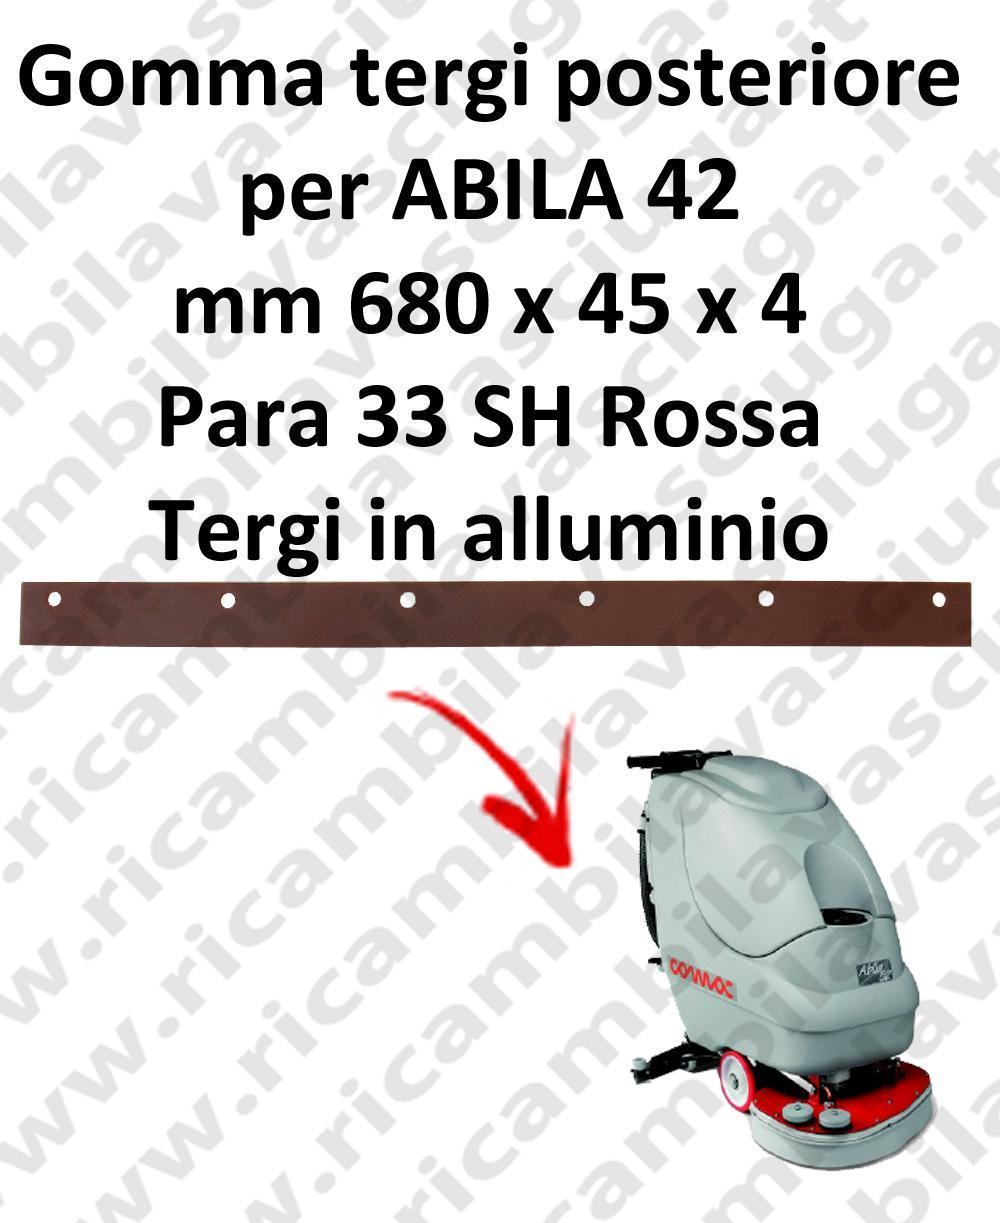 ABILA 42 BAVETTE ARRIERE pour COMAC rechange autolaveuses suceur